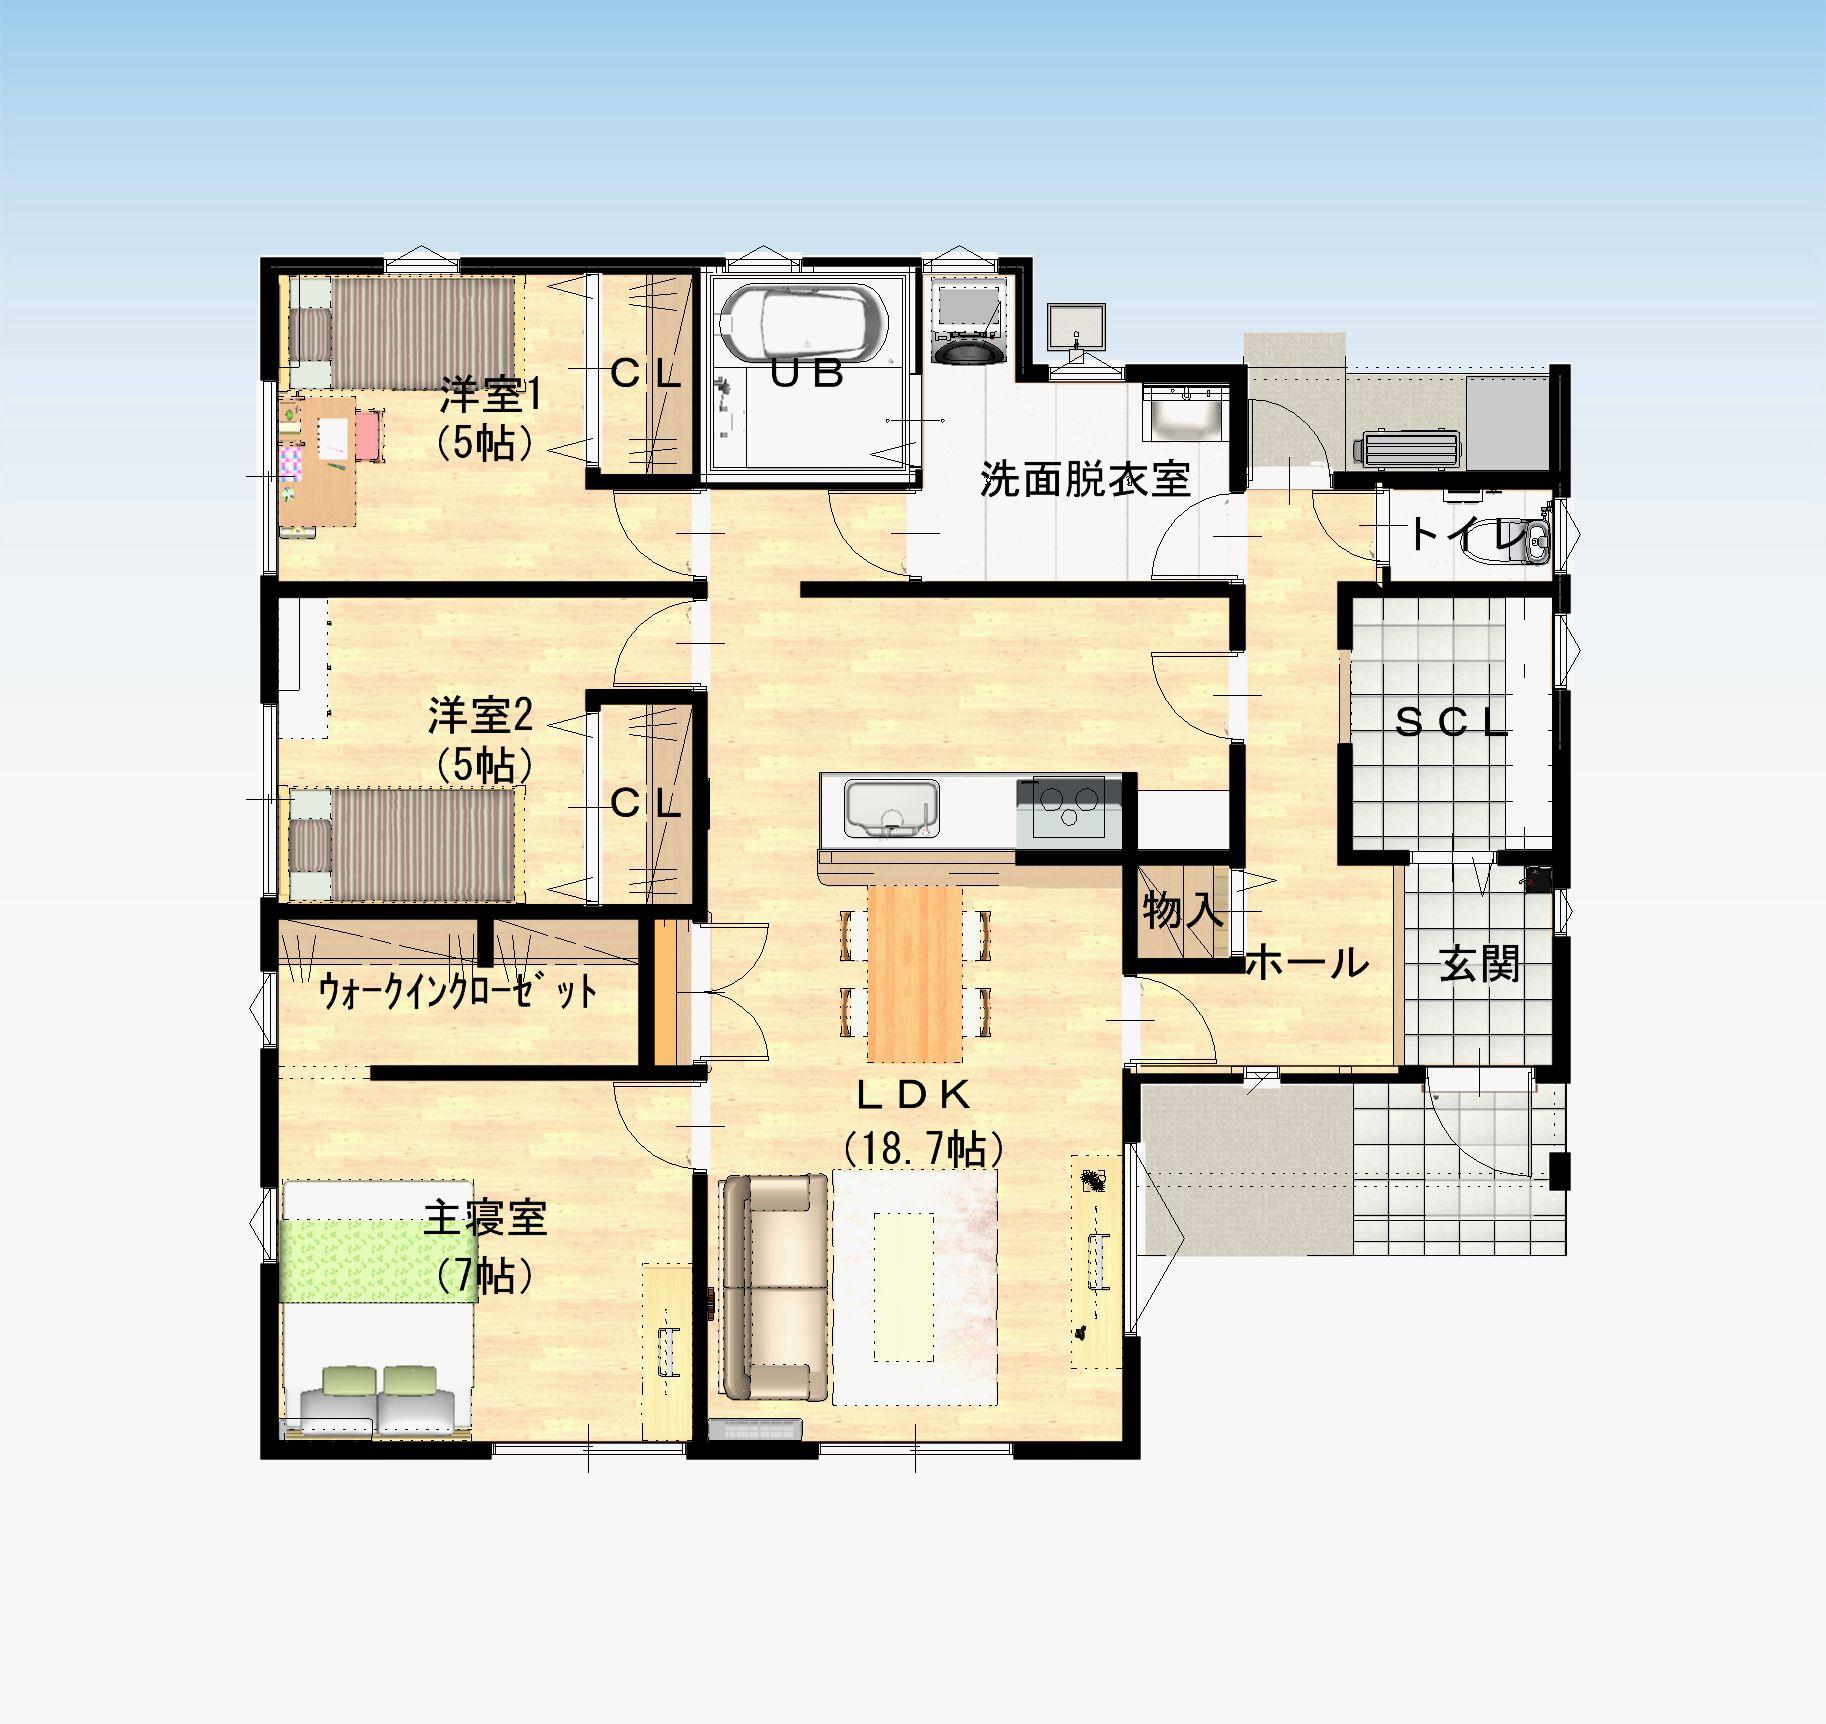 武雄市 新築建売住宅「OURS富岡3号地」間取り図